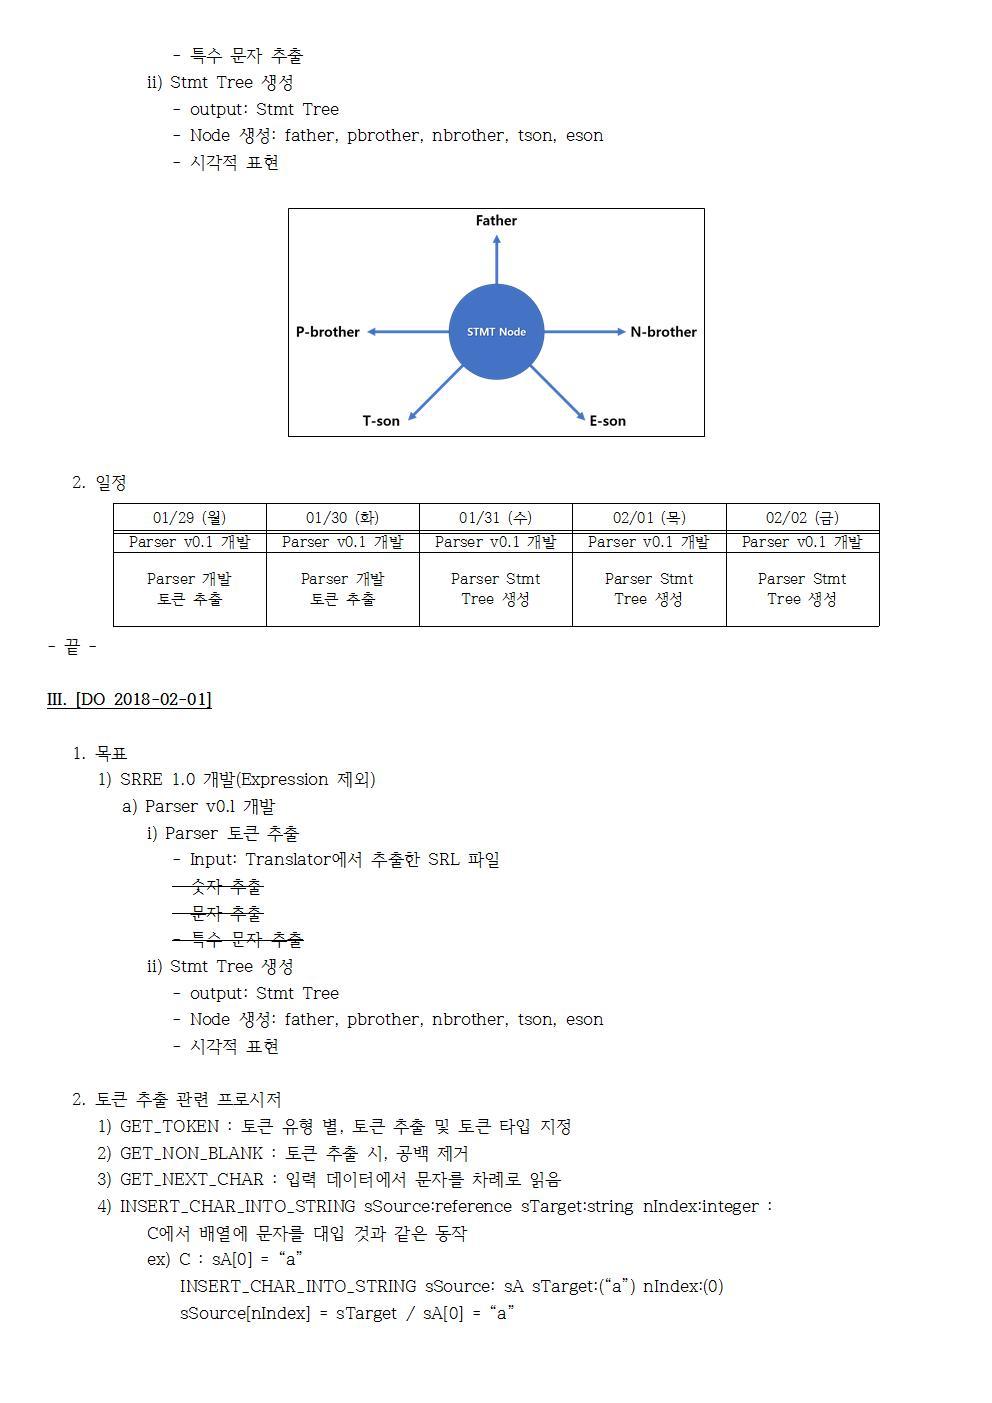 D-[18-003-RD-03]-[SRRE]-[2018-02-01][JS]002.jpg